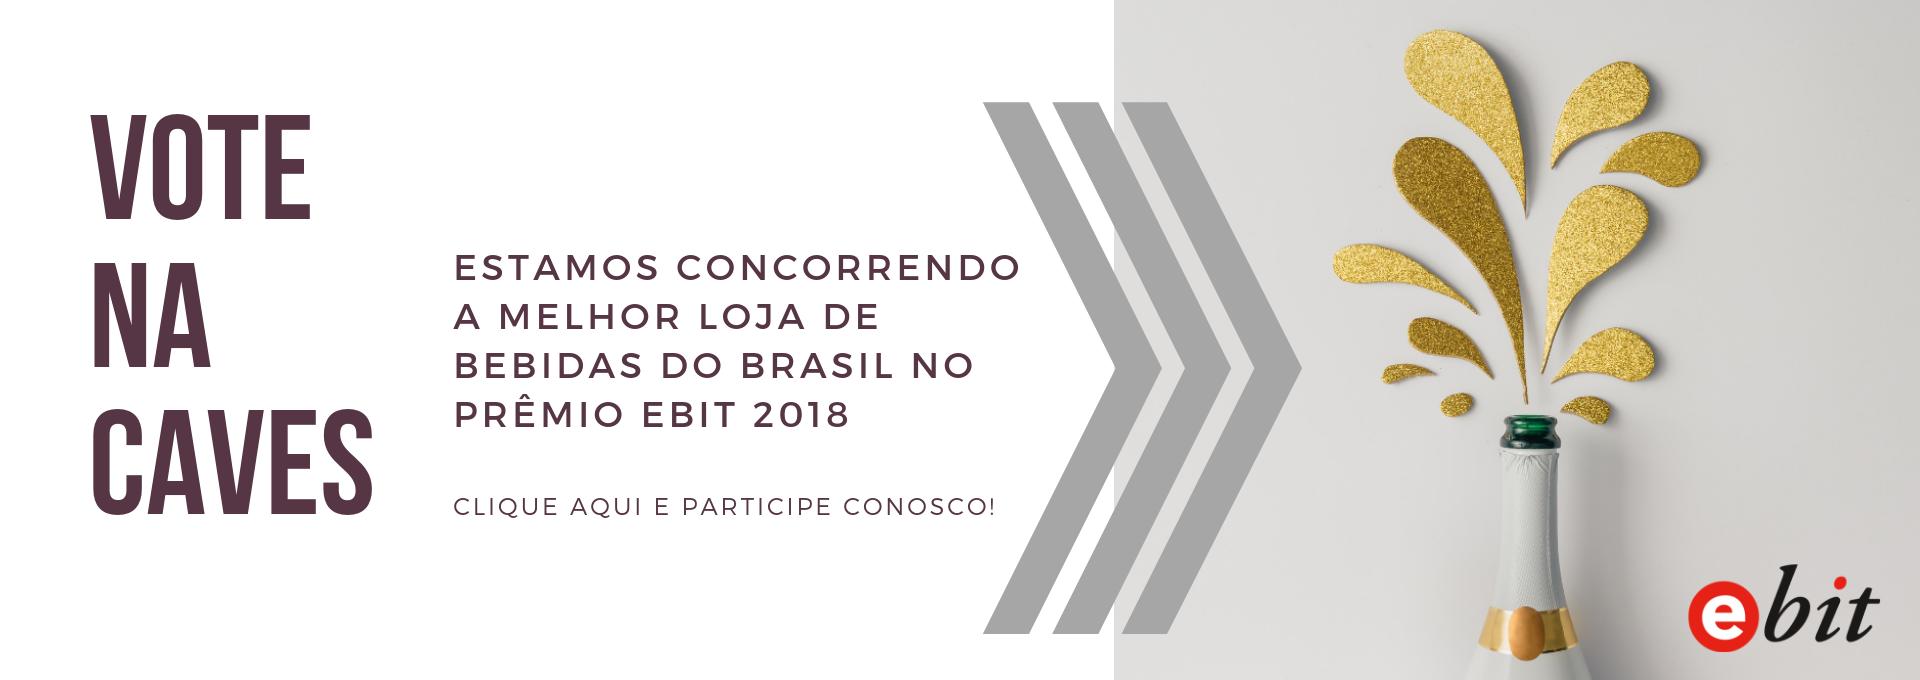 Prêmio Ebit 2018